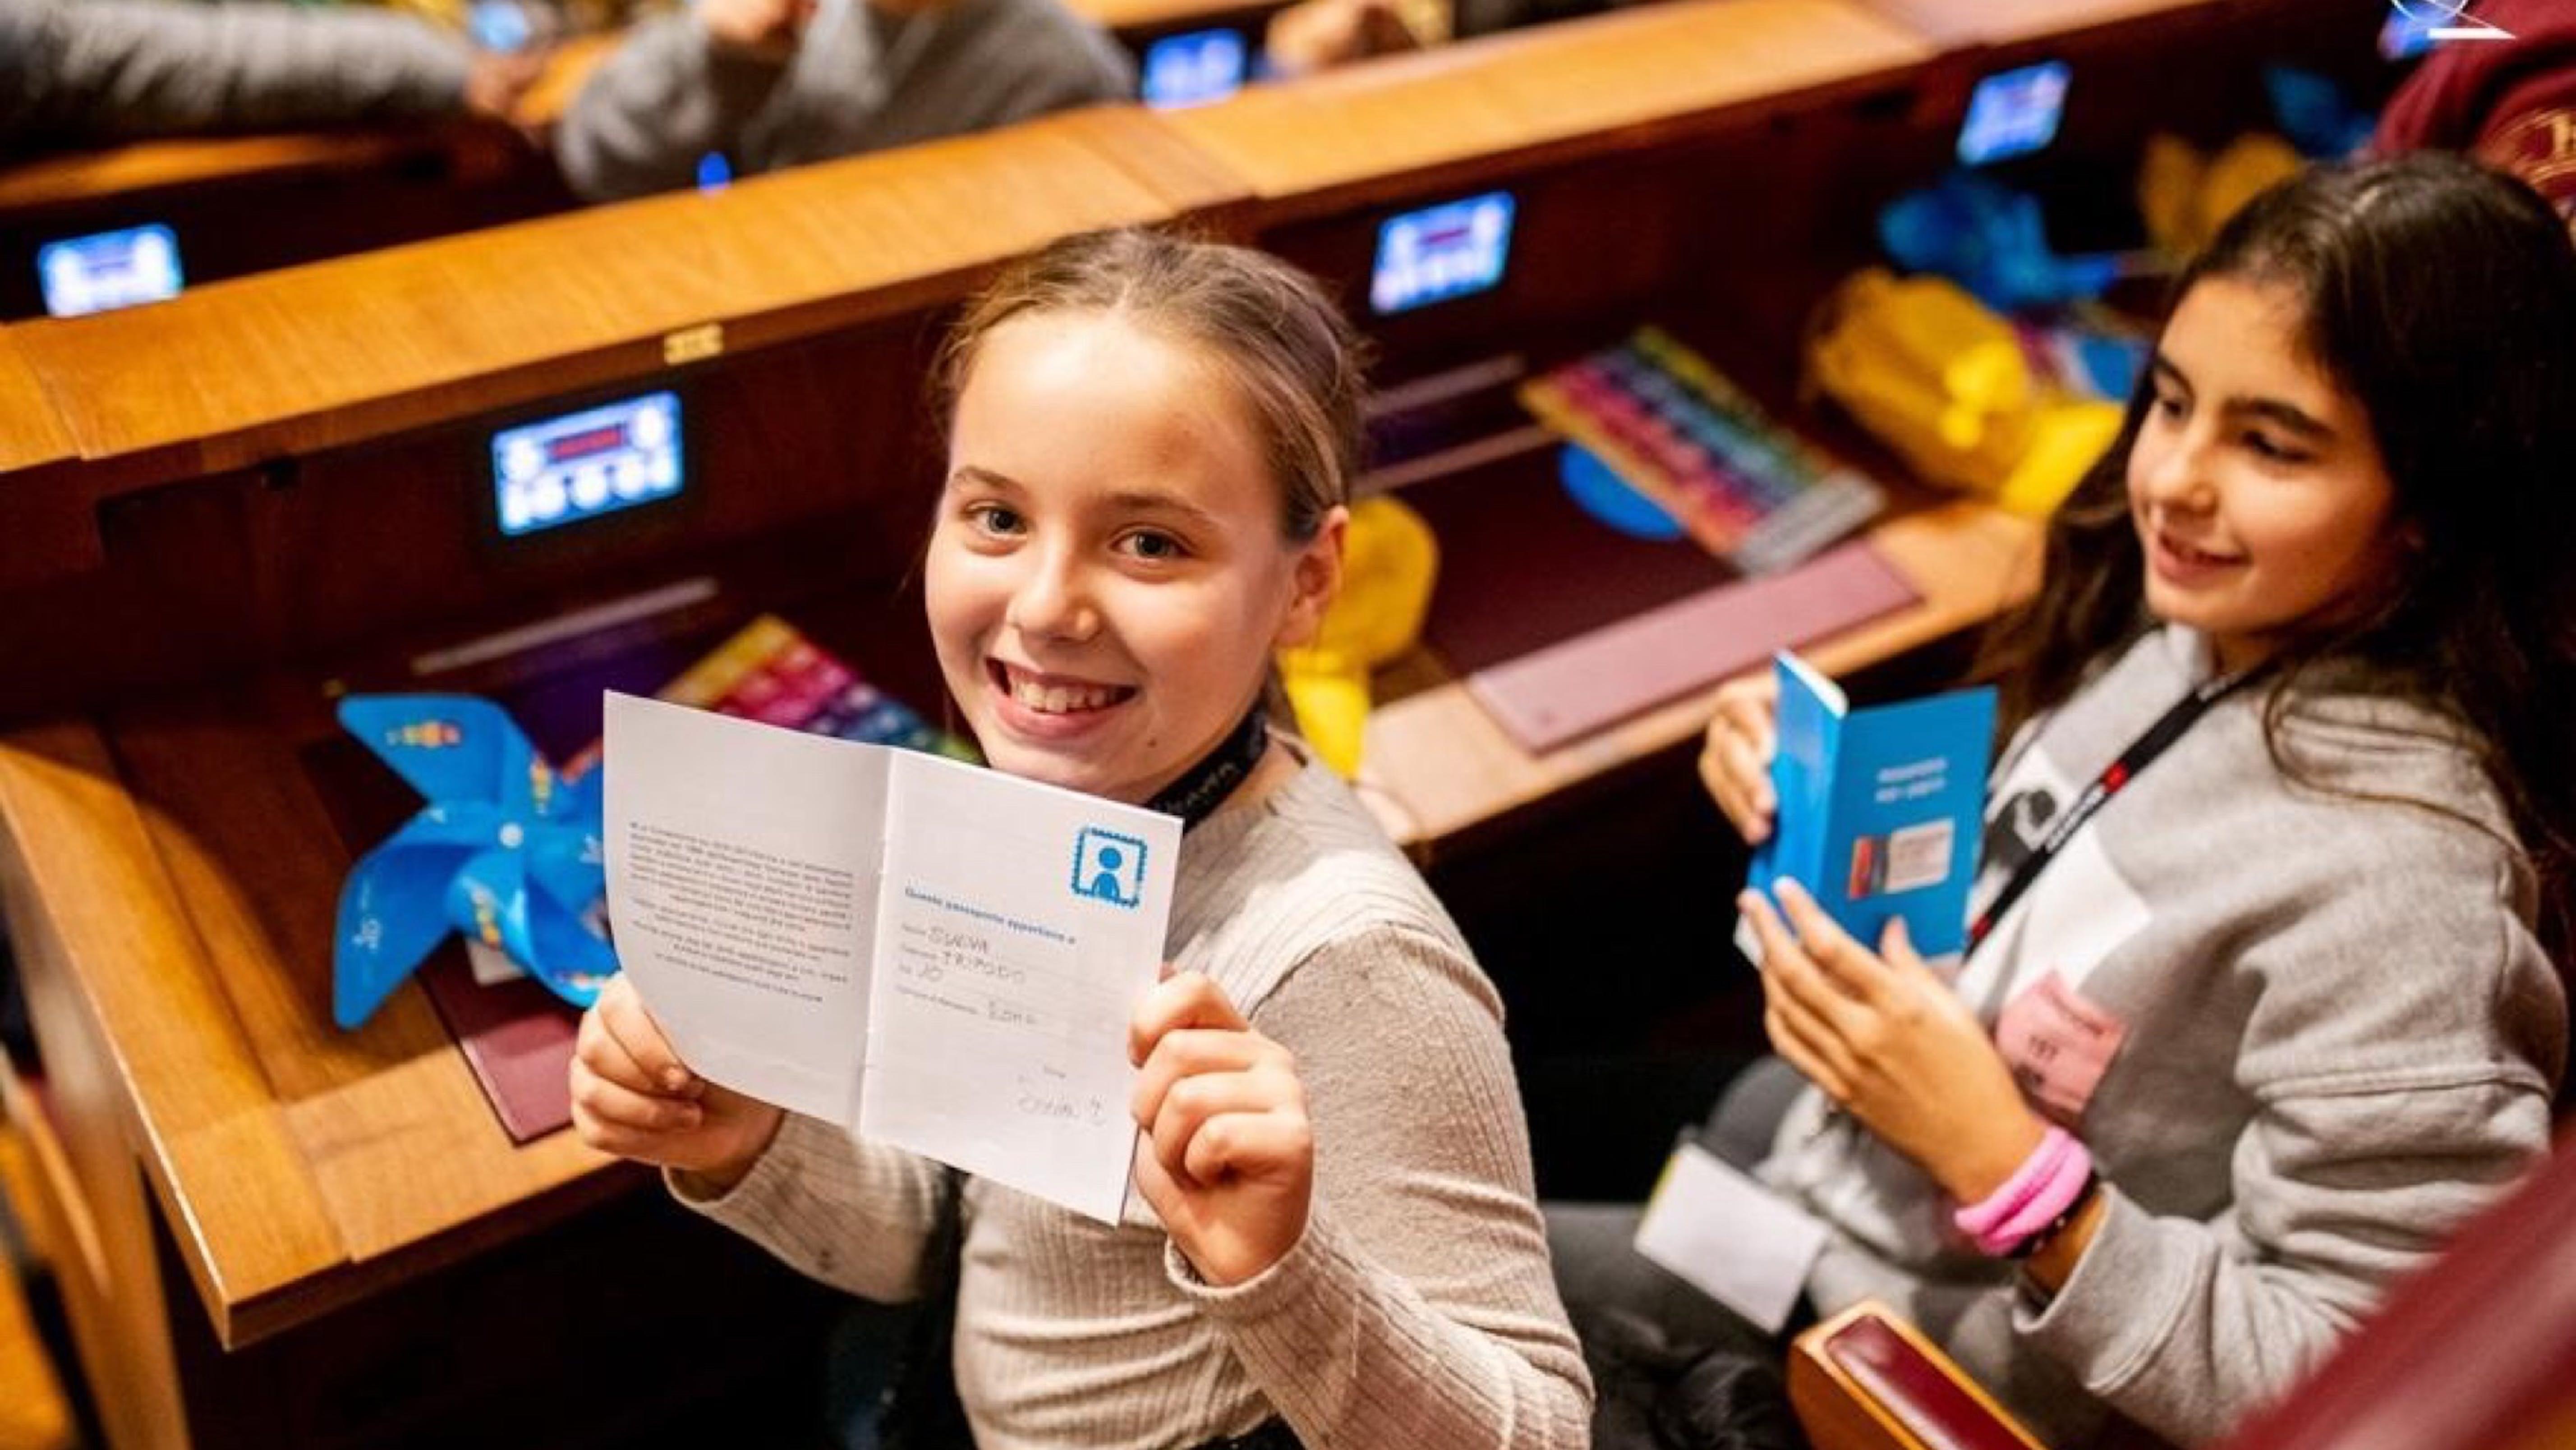 KidsTakeOver al Campidoglio, per il 20 novembre